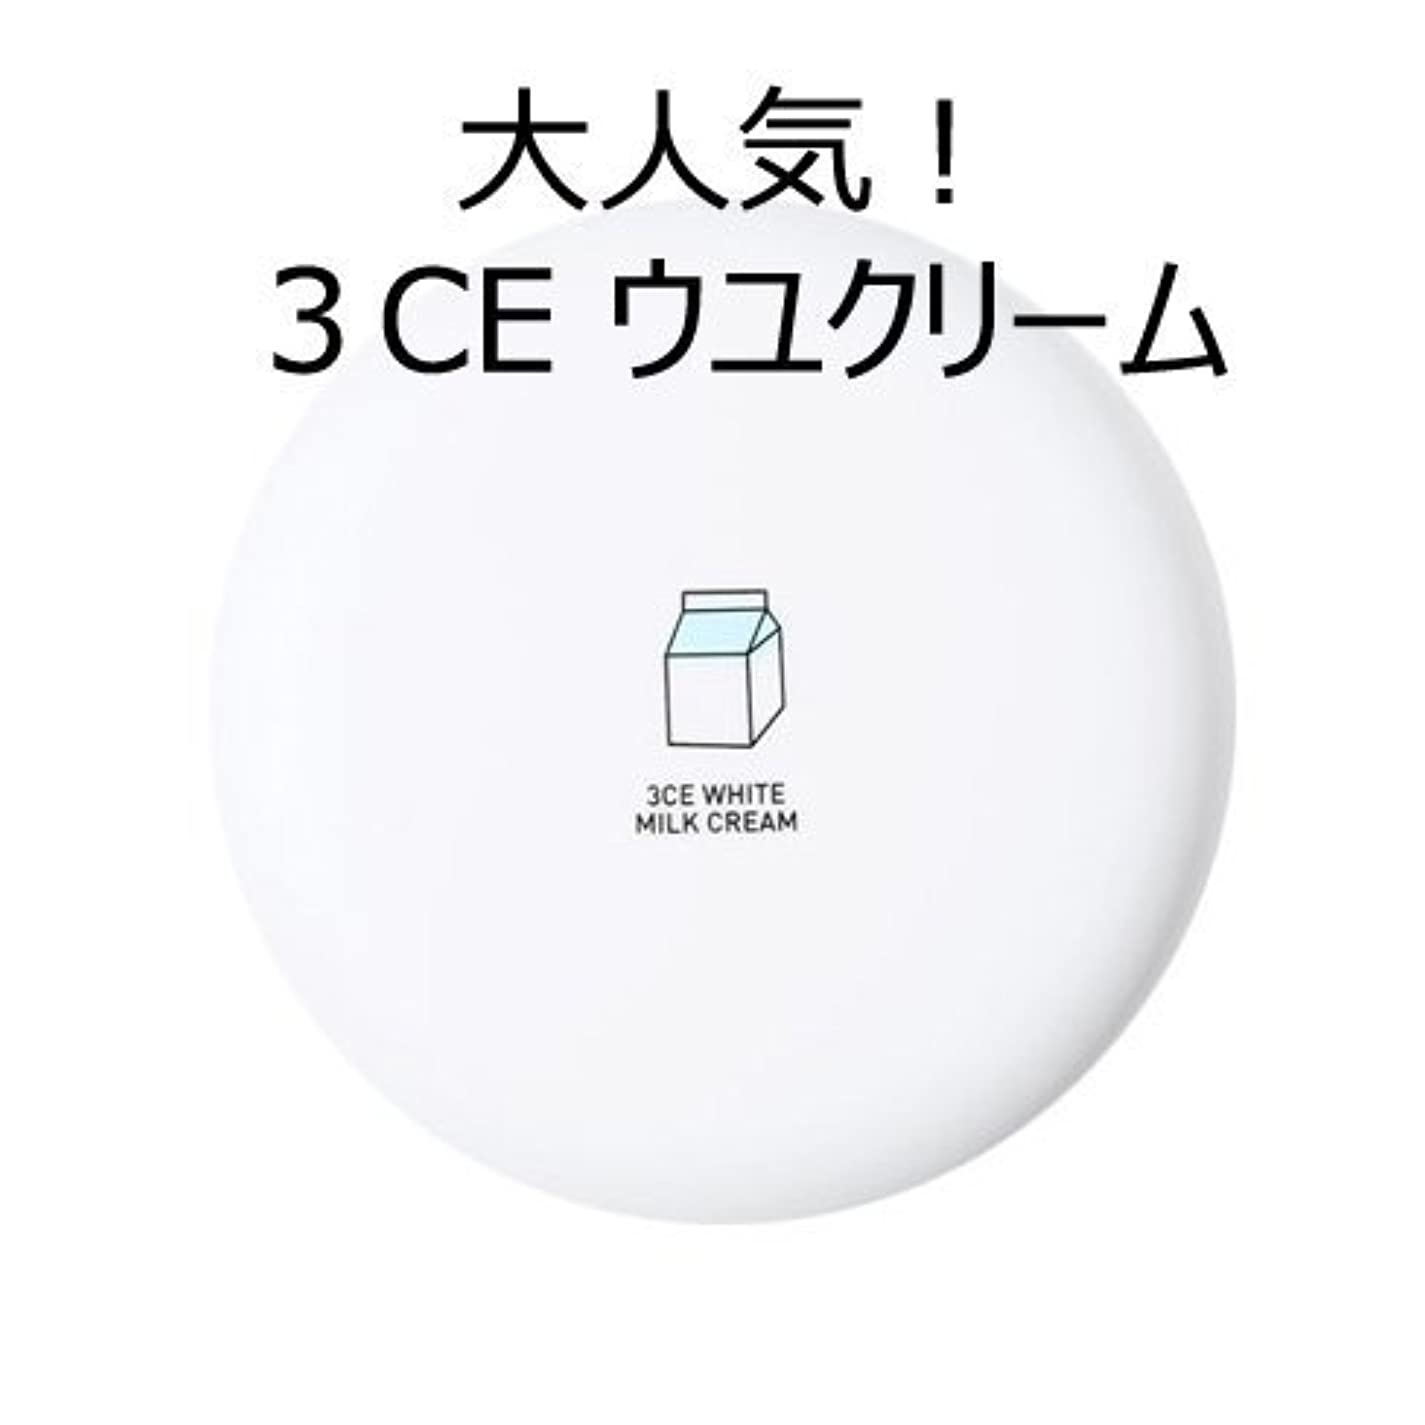 つかまえる訪問理想的には[3CE] [大人気!話題のウユクリーム] 3CE White Milk Cream [並行輸入品]